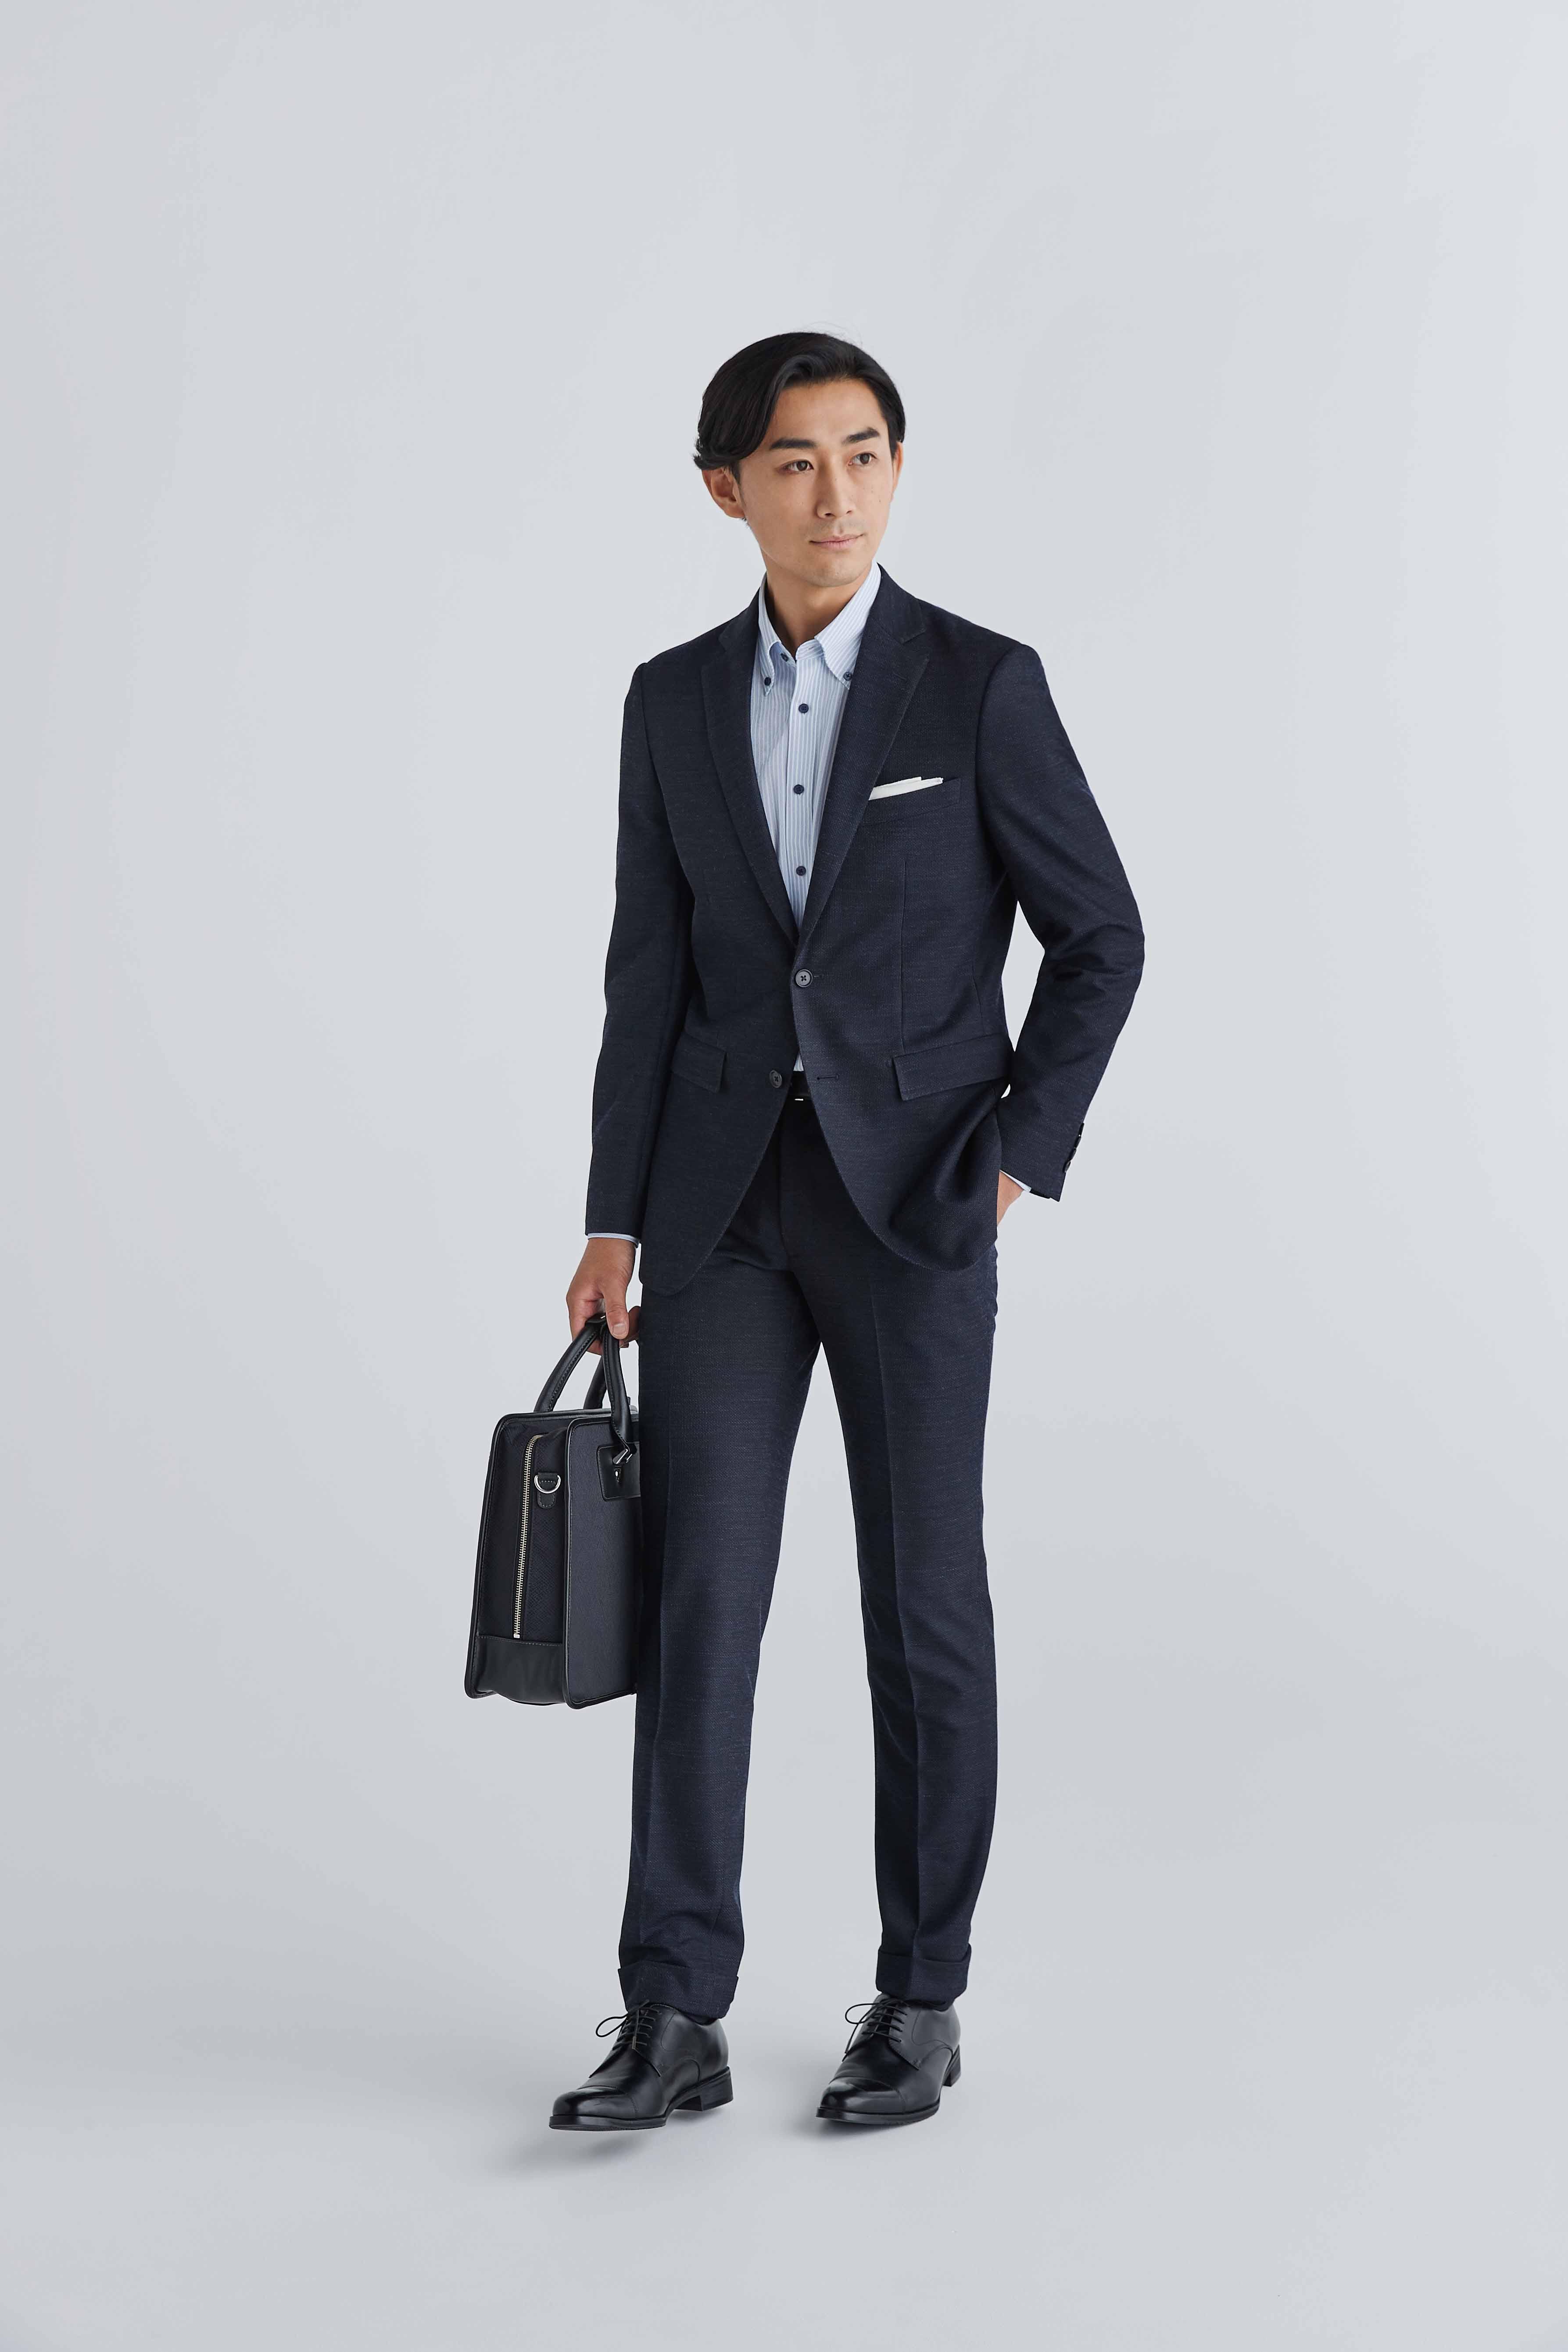 スーツでありながらジャージー素材ORIHICA初「スマートジャージースーツ」登場